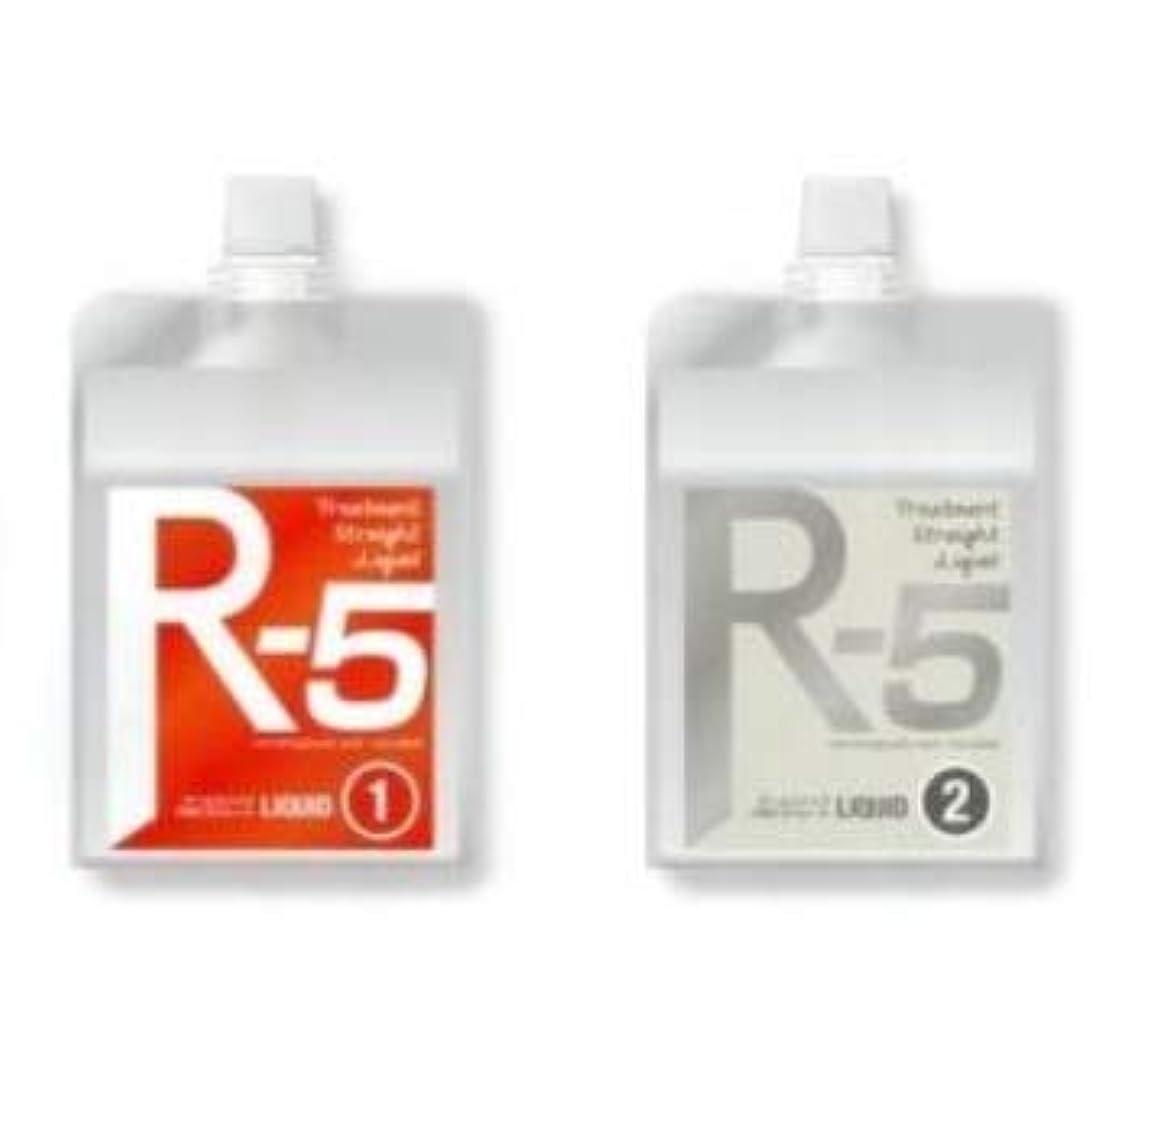 レクリエーション類推カレンダーCMCトリートメントストレート R-5 レッド(レギュラー) ストレート剤 ダメージレス